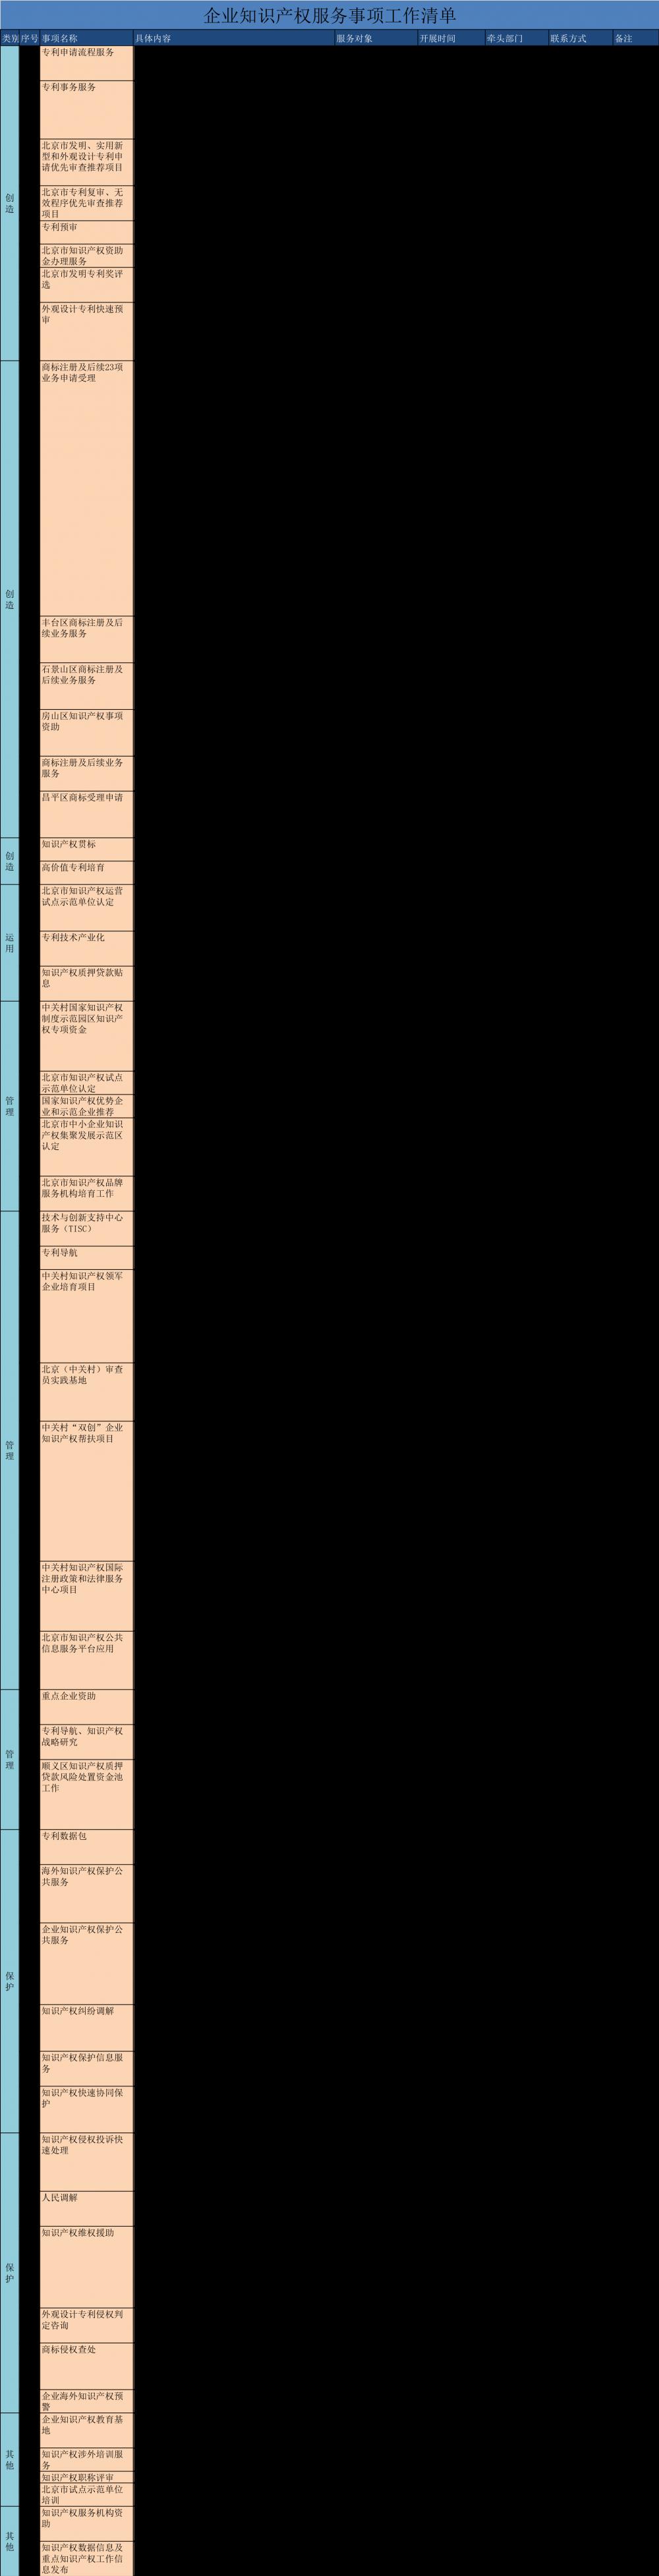 北京市知识产权局:发布企业知识产权服务事项工作清单